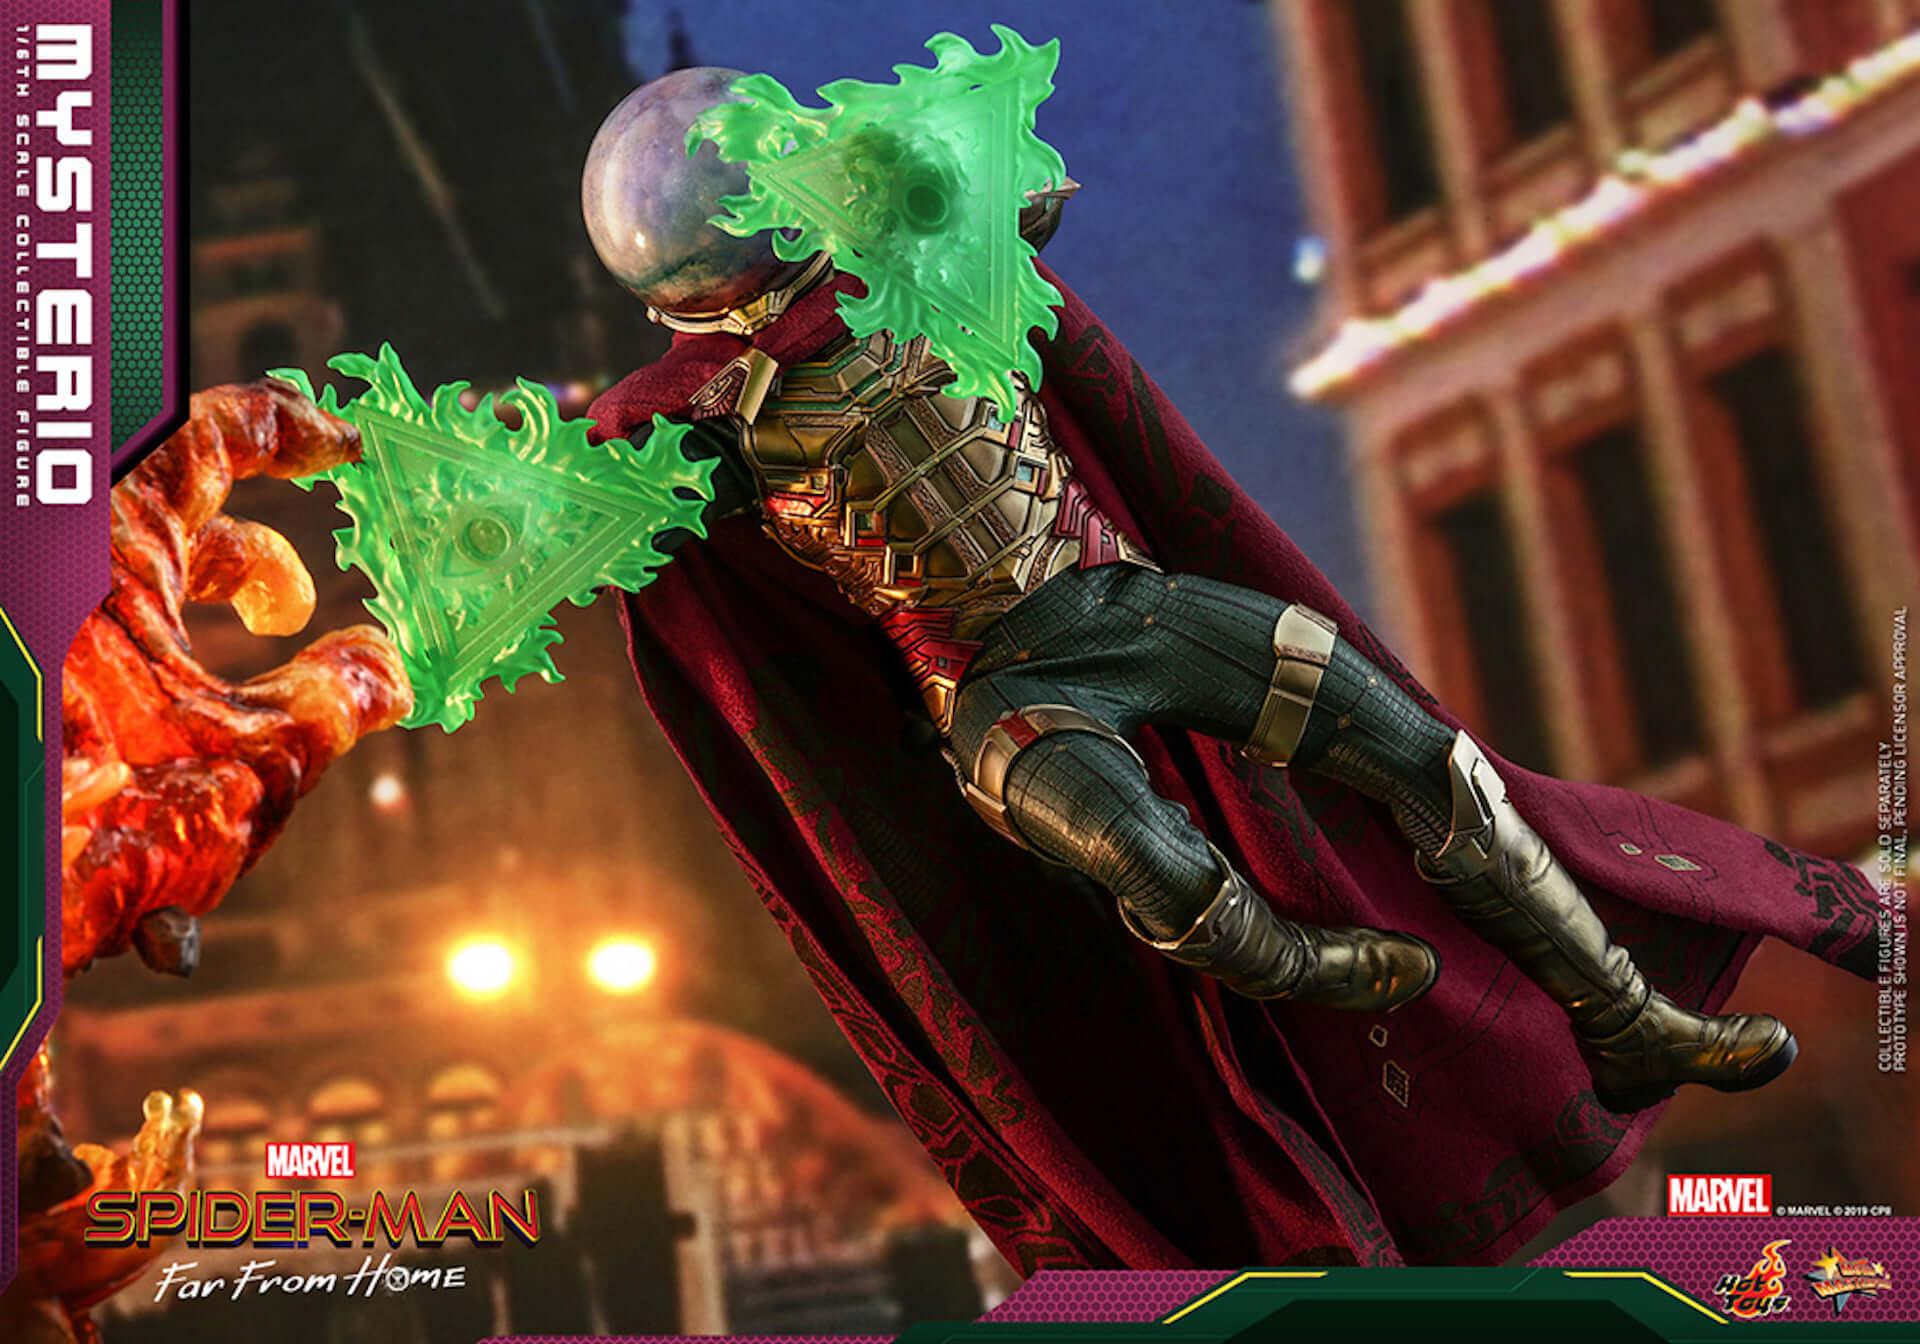 『スパイダーマン:ファー・フロム・ホーム』のミステリオが超リアルなフィギュアとして登場! art190911_sffh_mysterio_hottoys_4-1920x1344